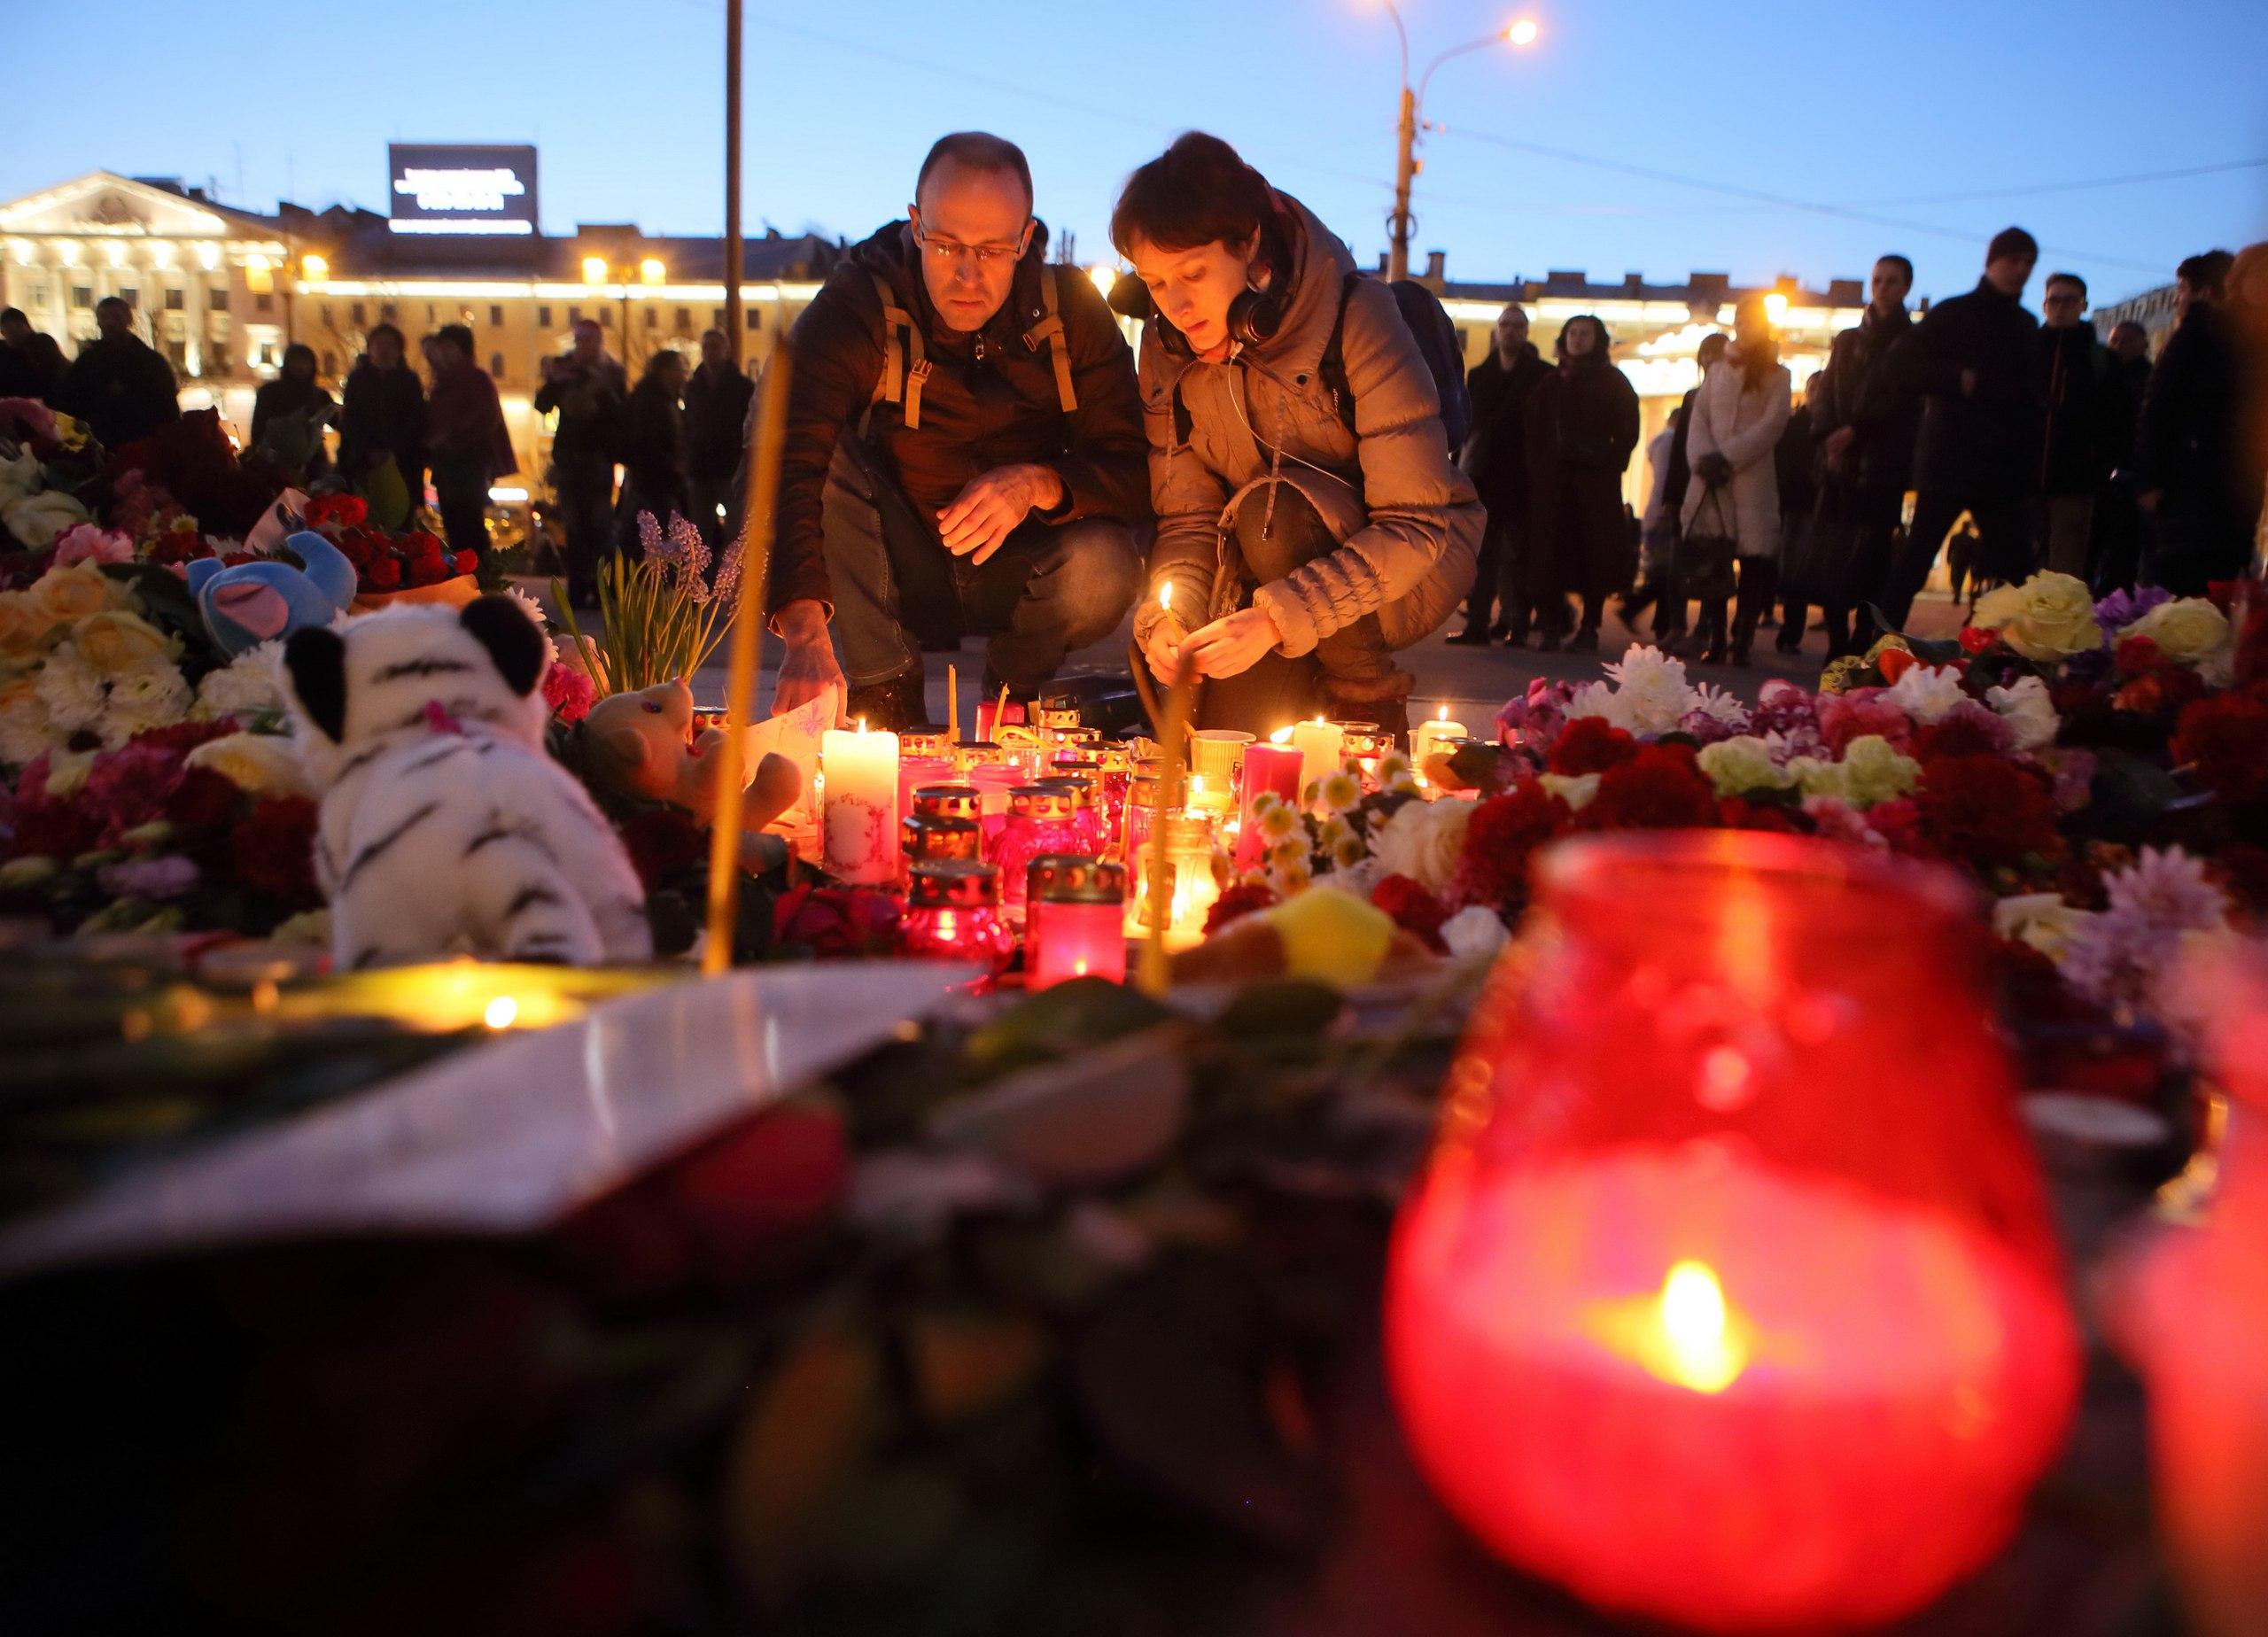 Вгородском парке Волгограда почтут память погибших кемеровчан